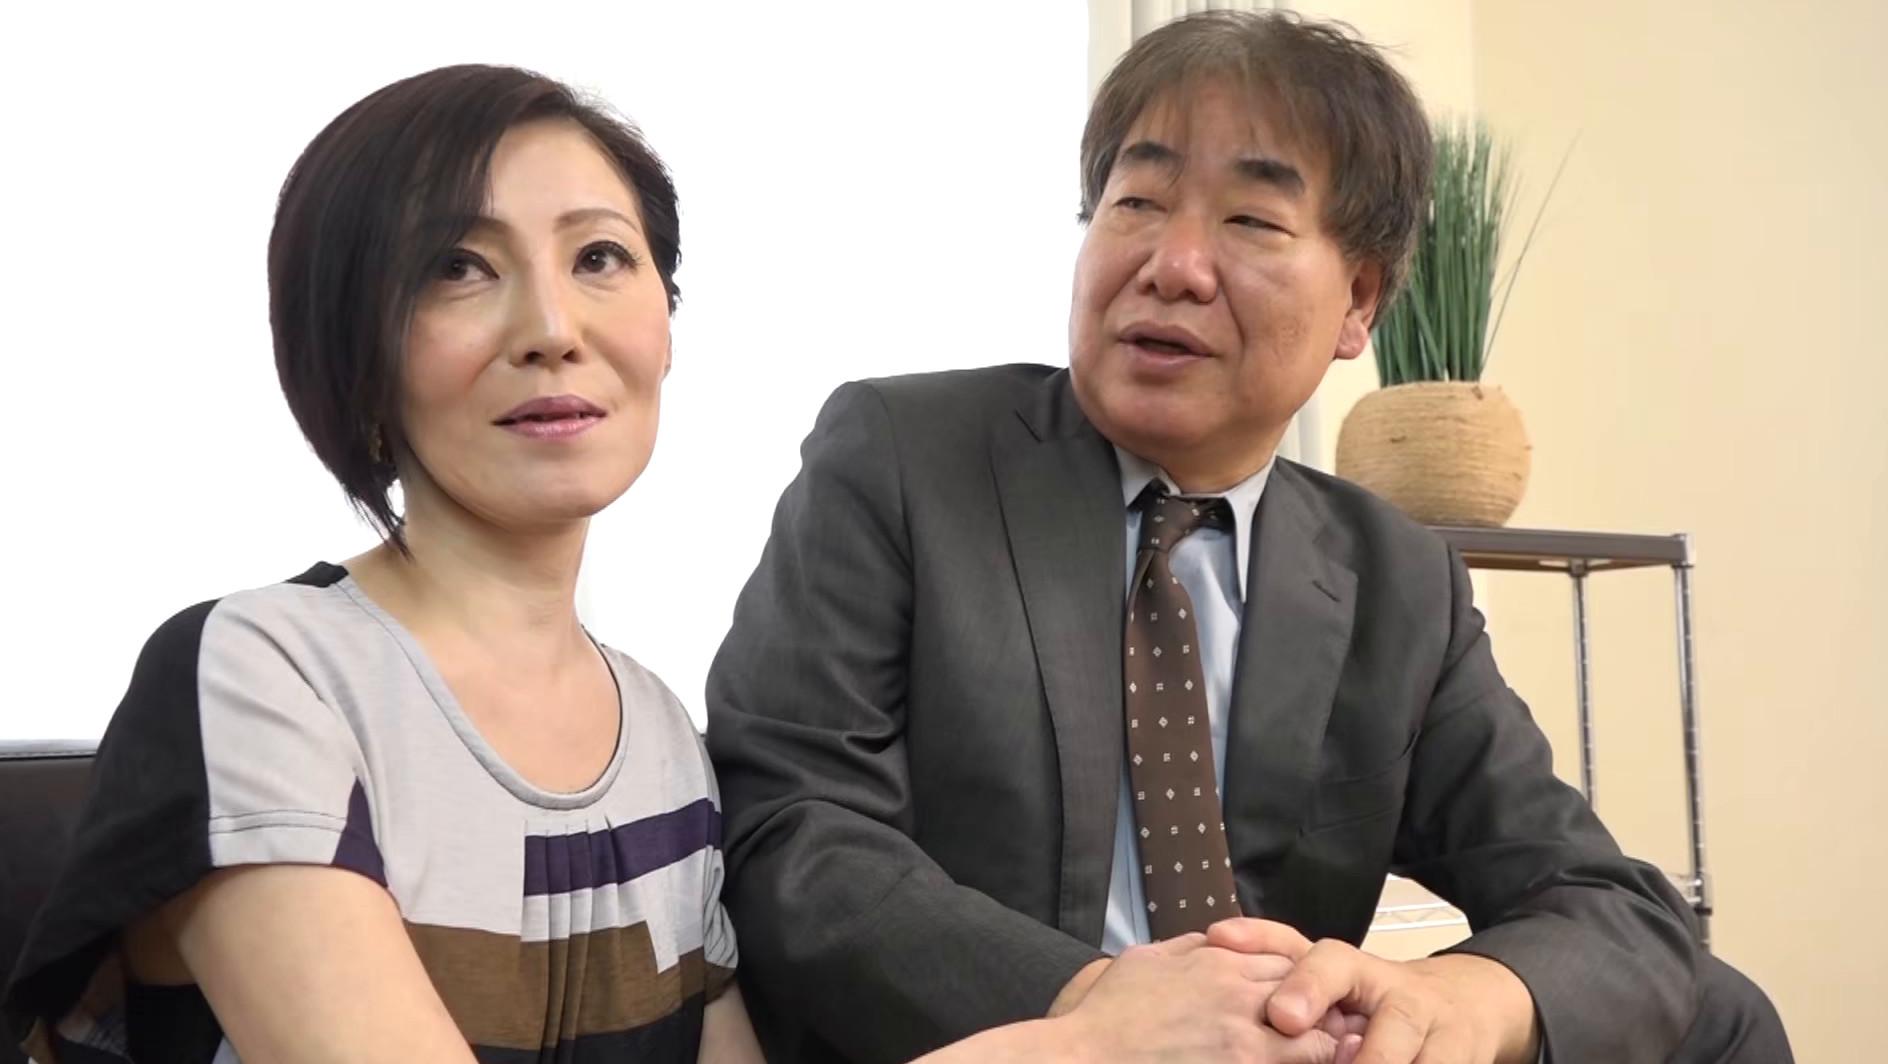 【五十路】熟年カップルの愛 笹原夫婦の場合 画像1